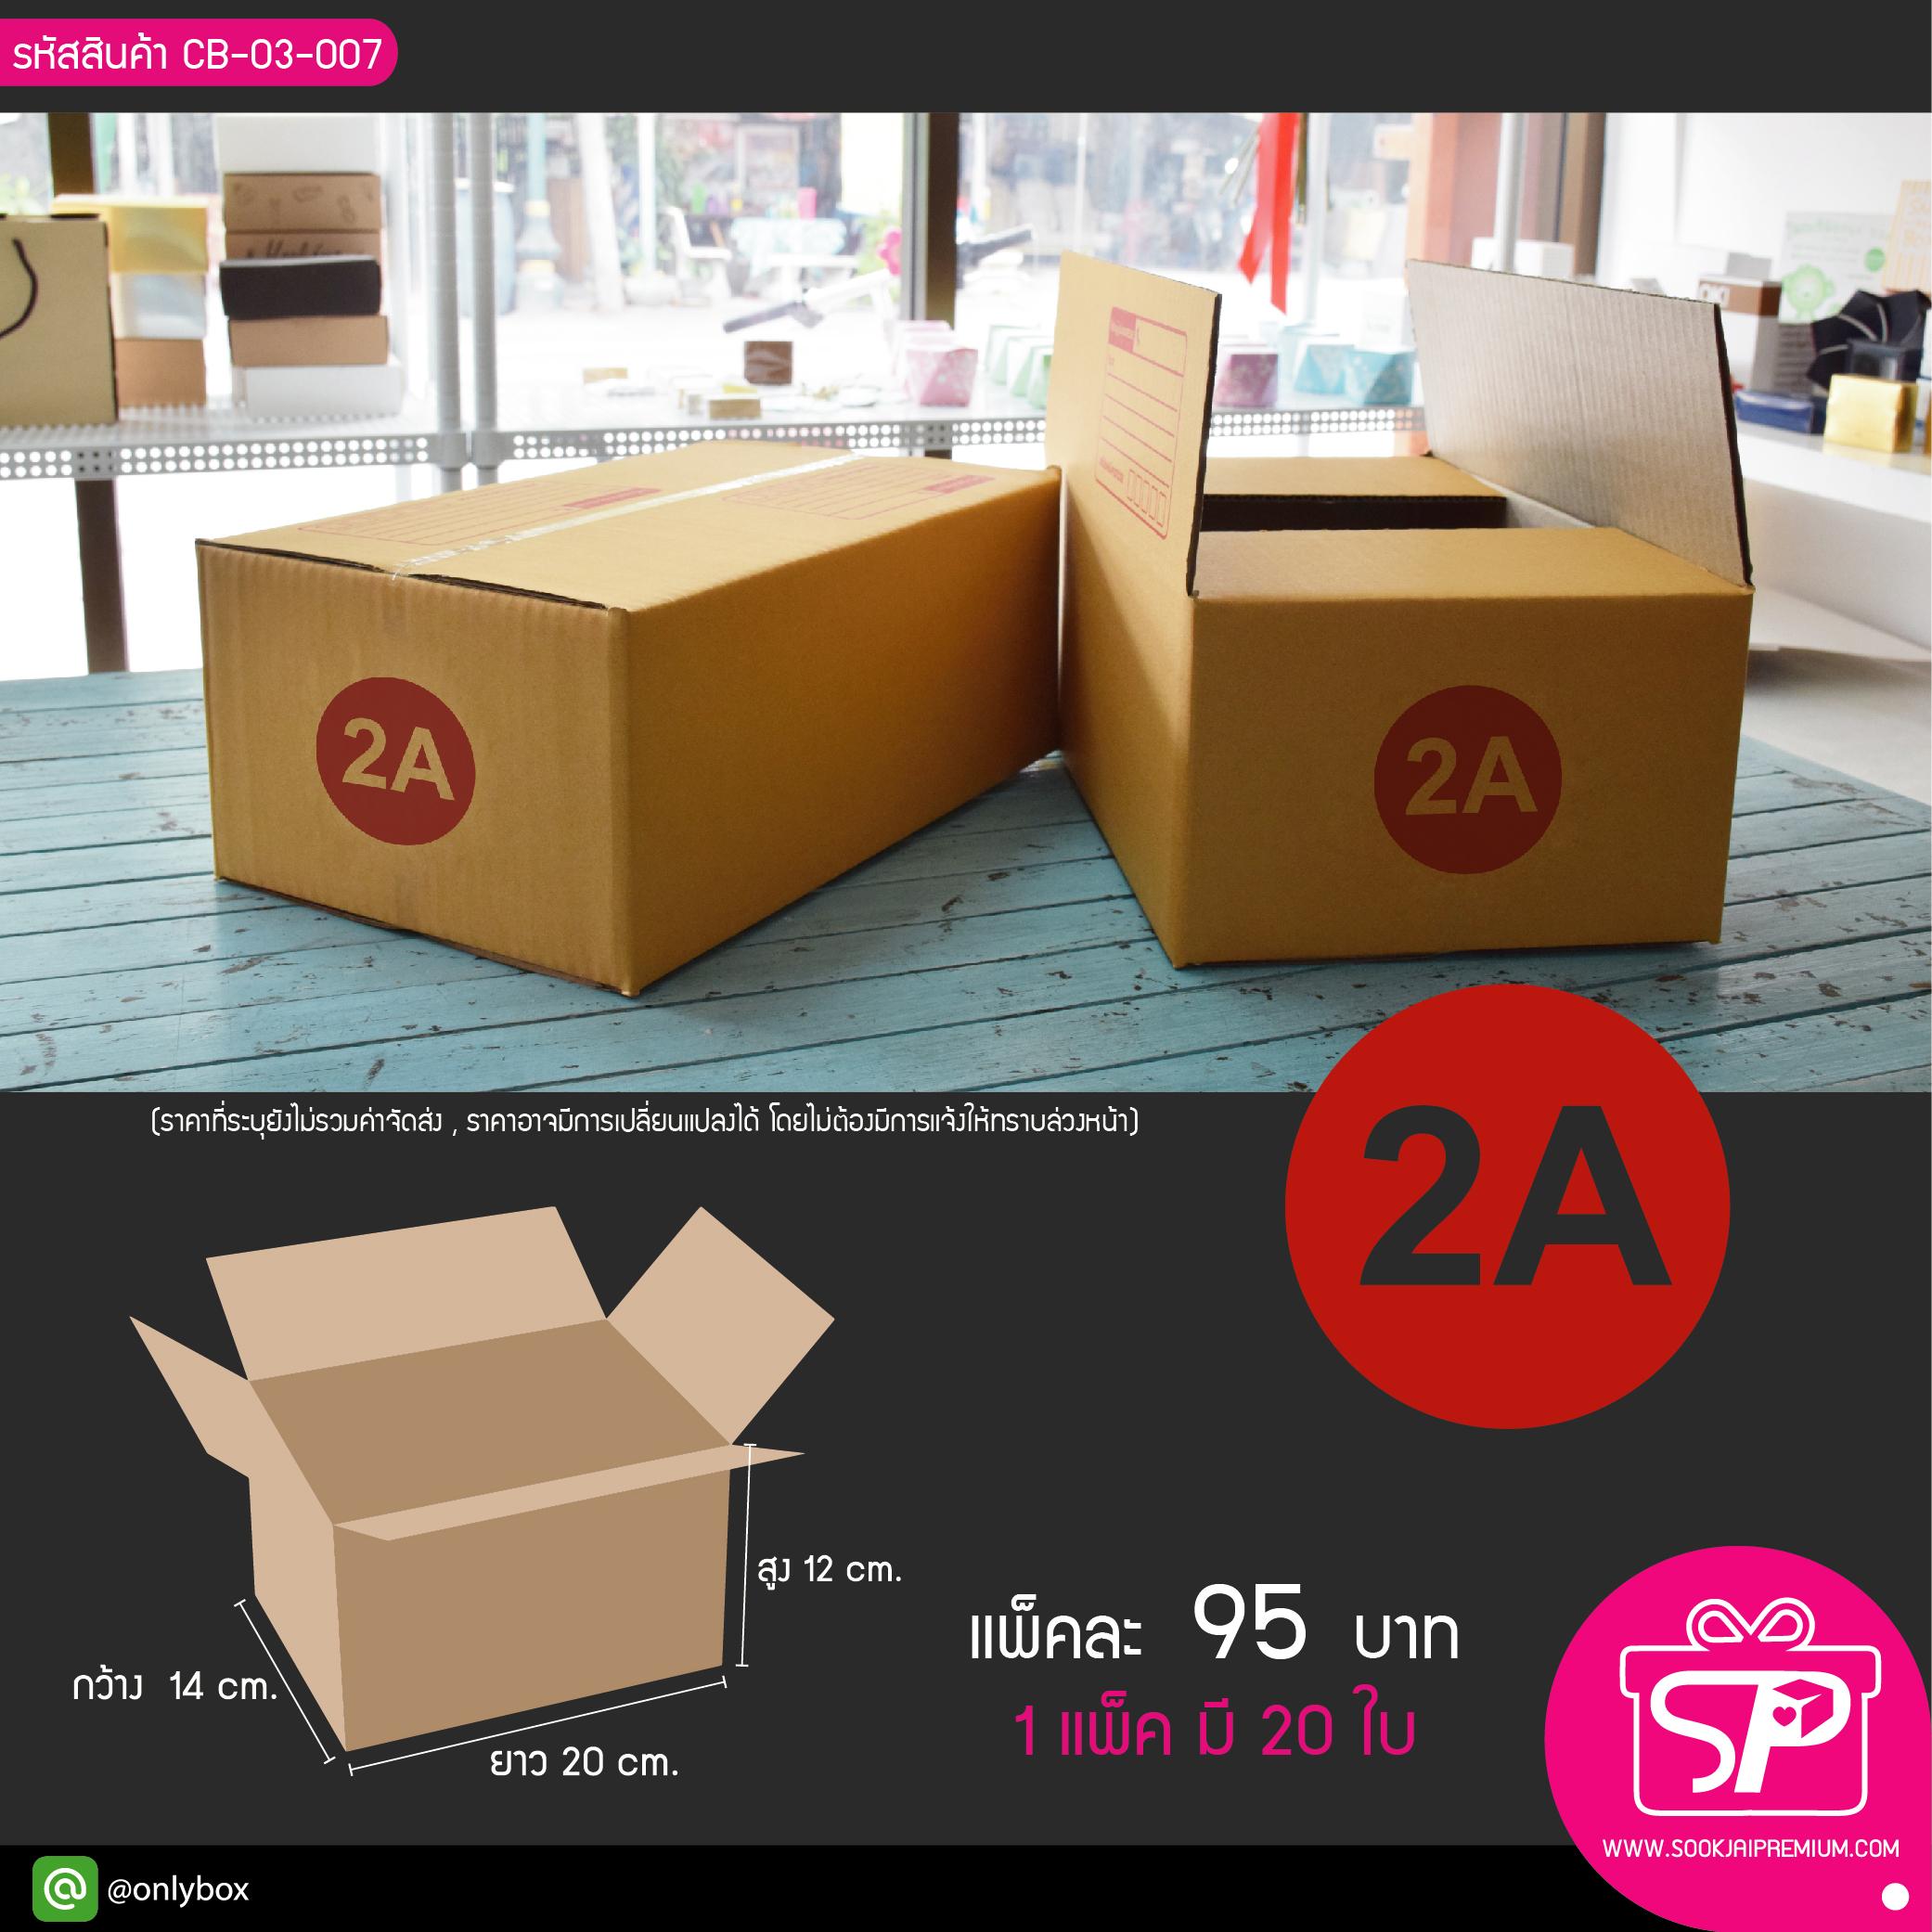 CB-03-007 : กล่อง ปณ 2A ขนาด 14.0 x 20.0 x 12.0 ซม.